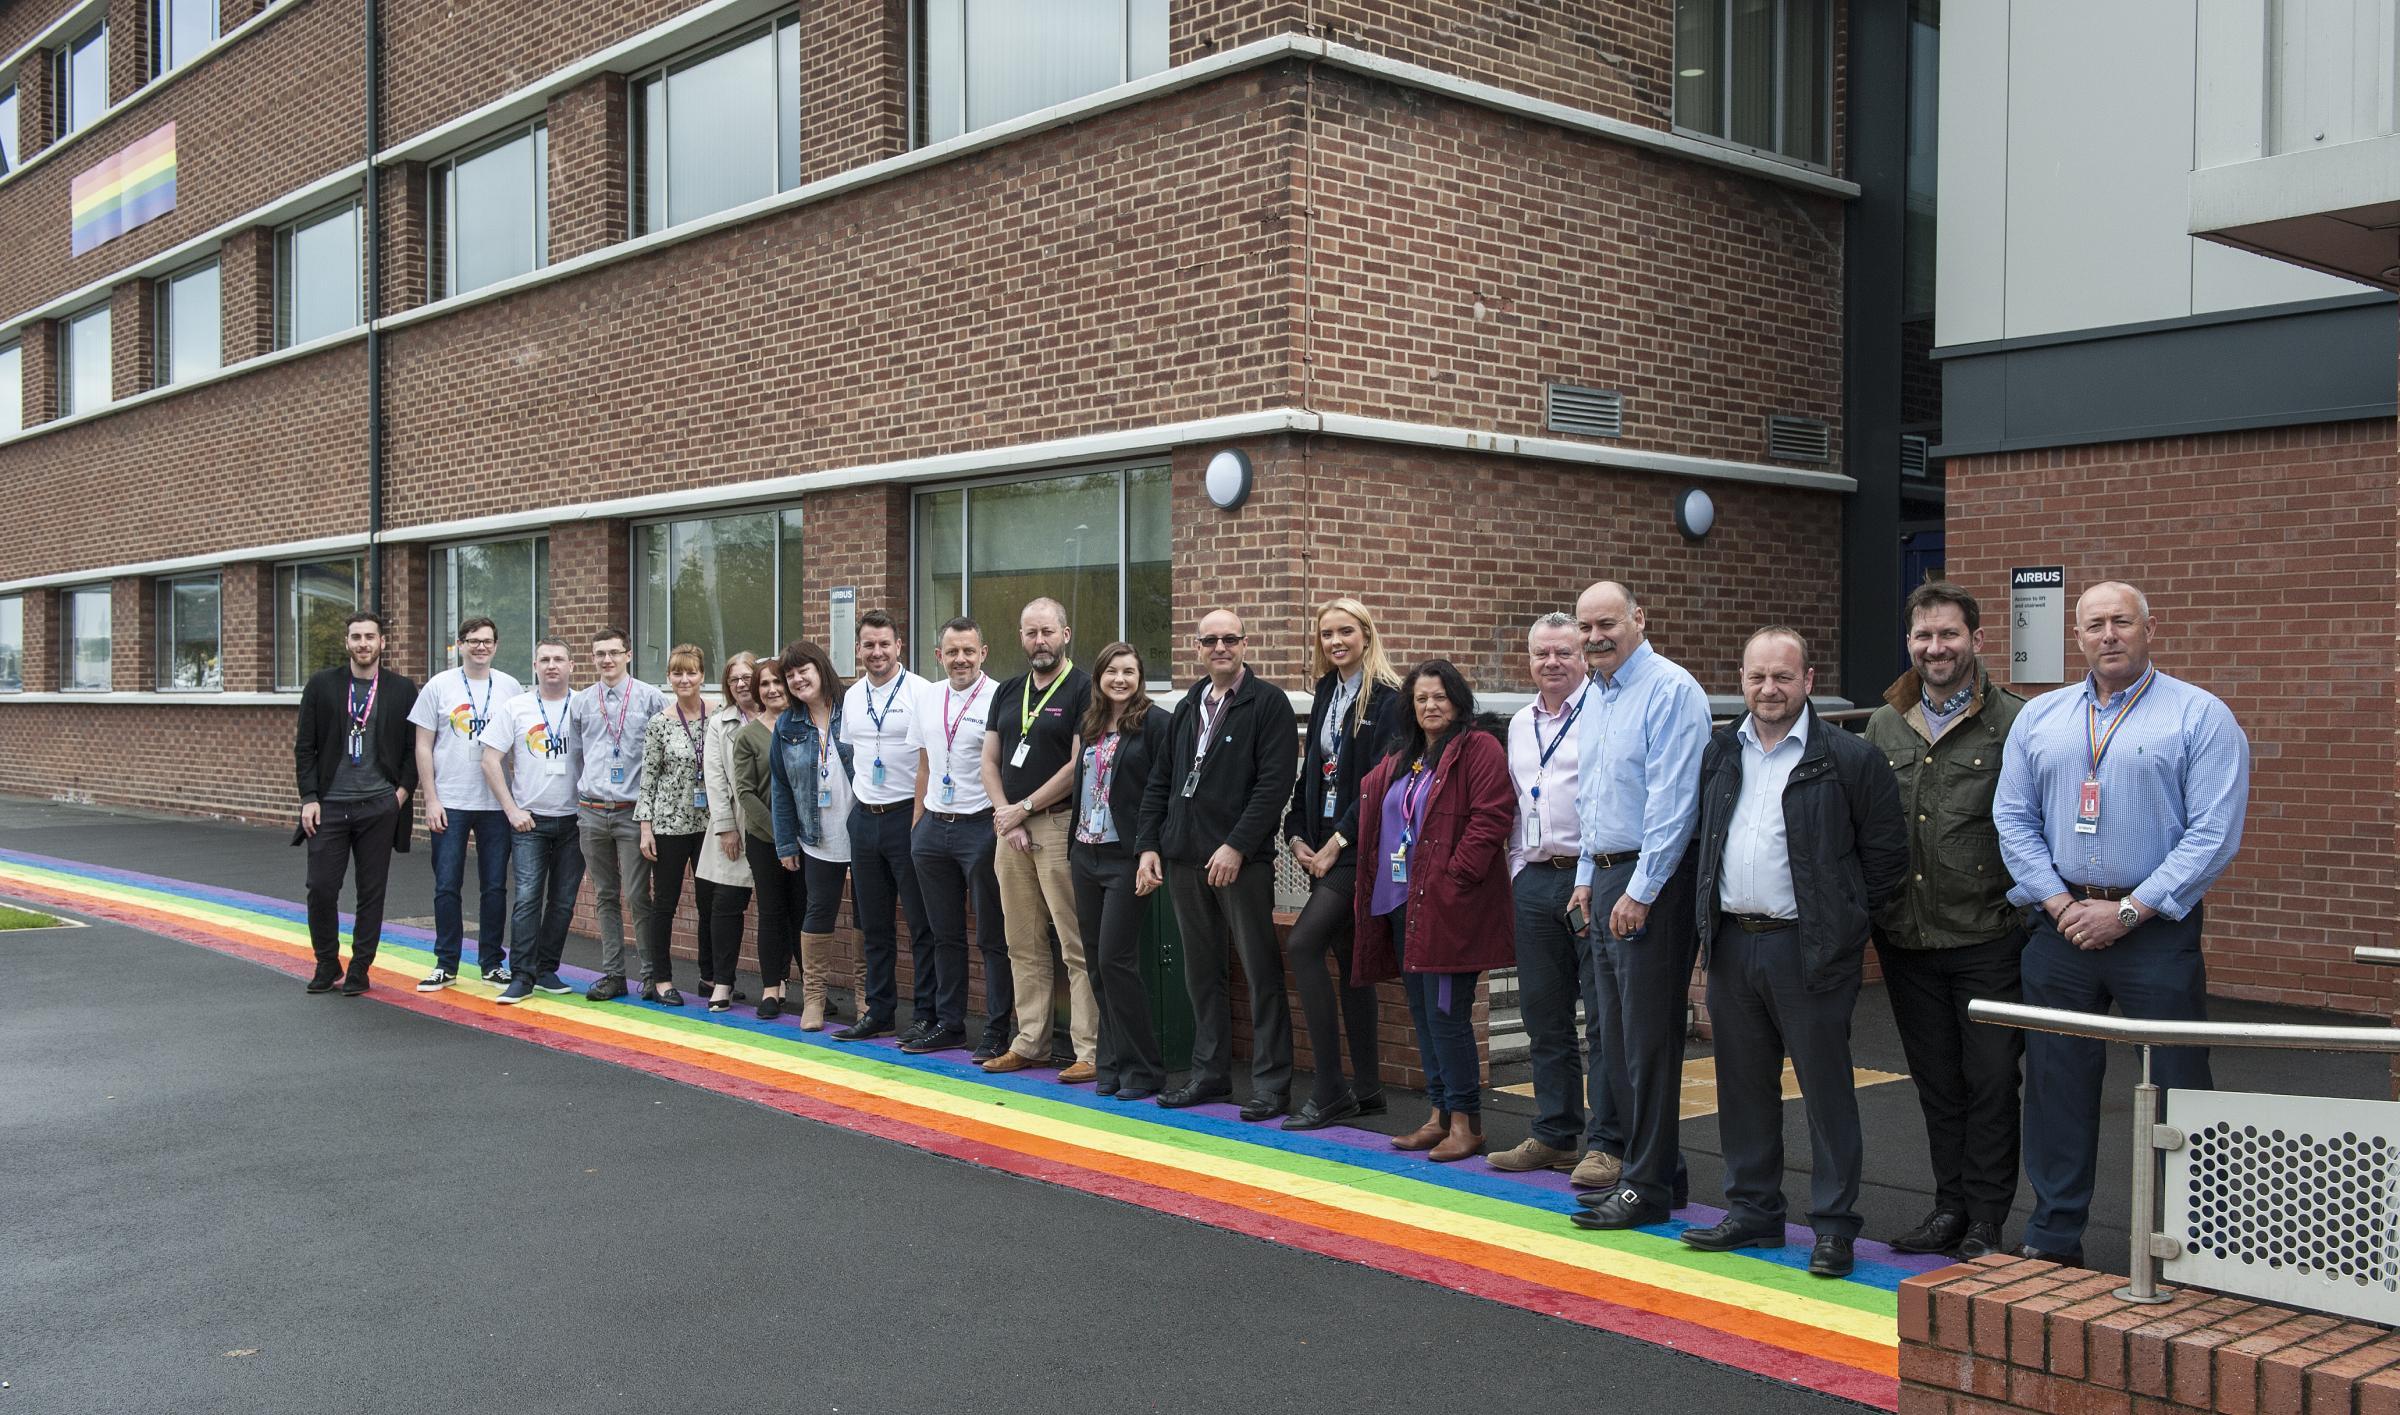 Airbus announces Chester Pride sponsorship